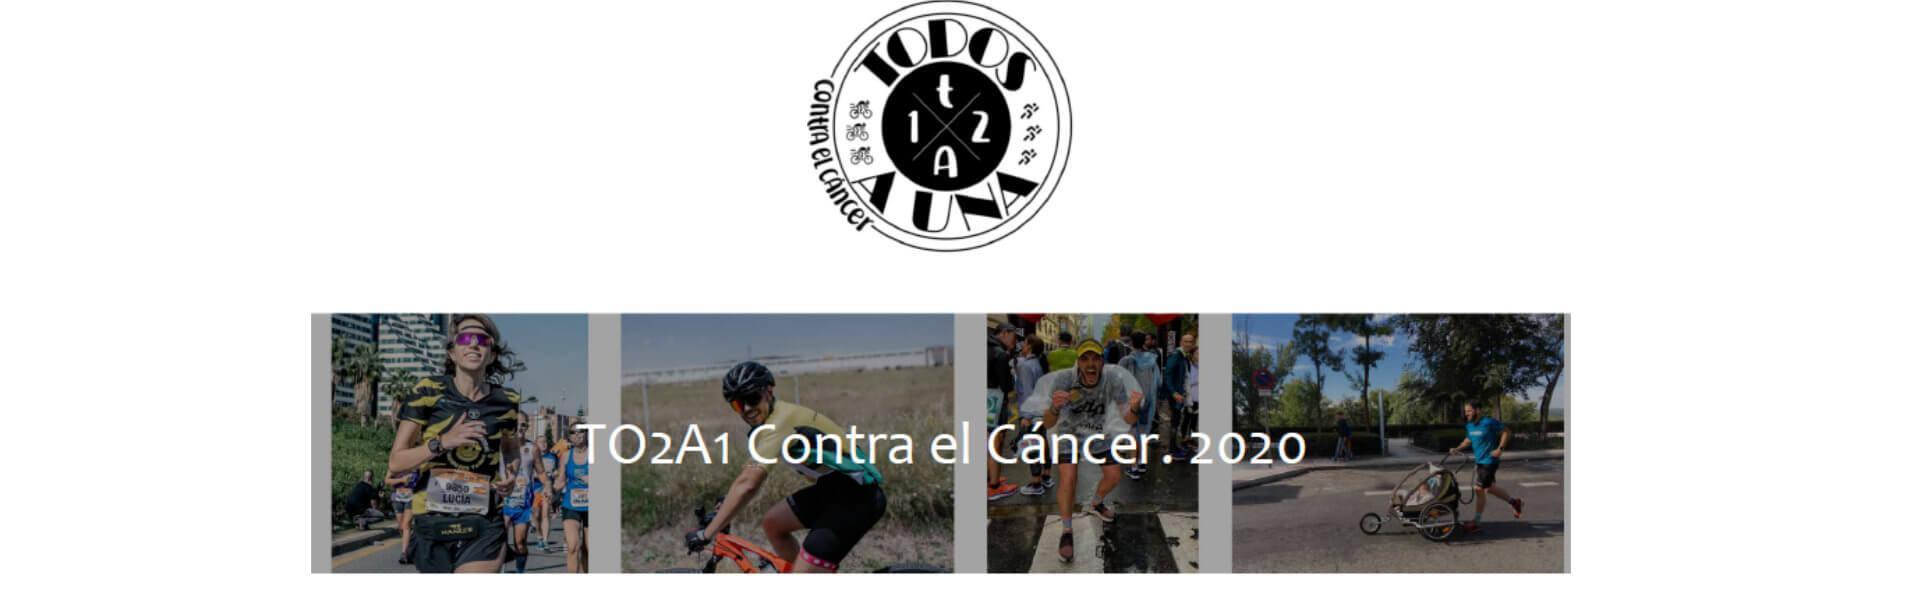 TO2A1 Acción Solidaria Deportiva contra el cáncer infantil